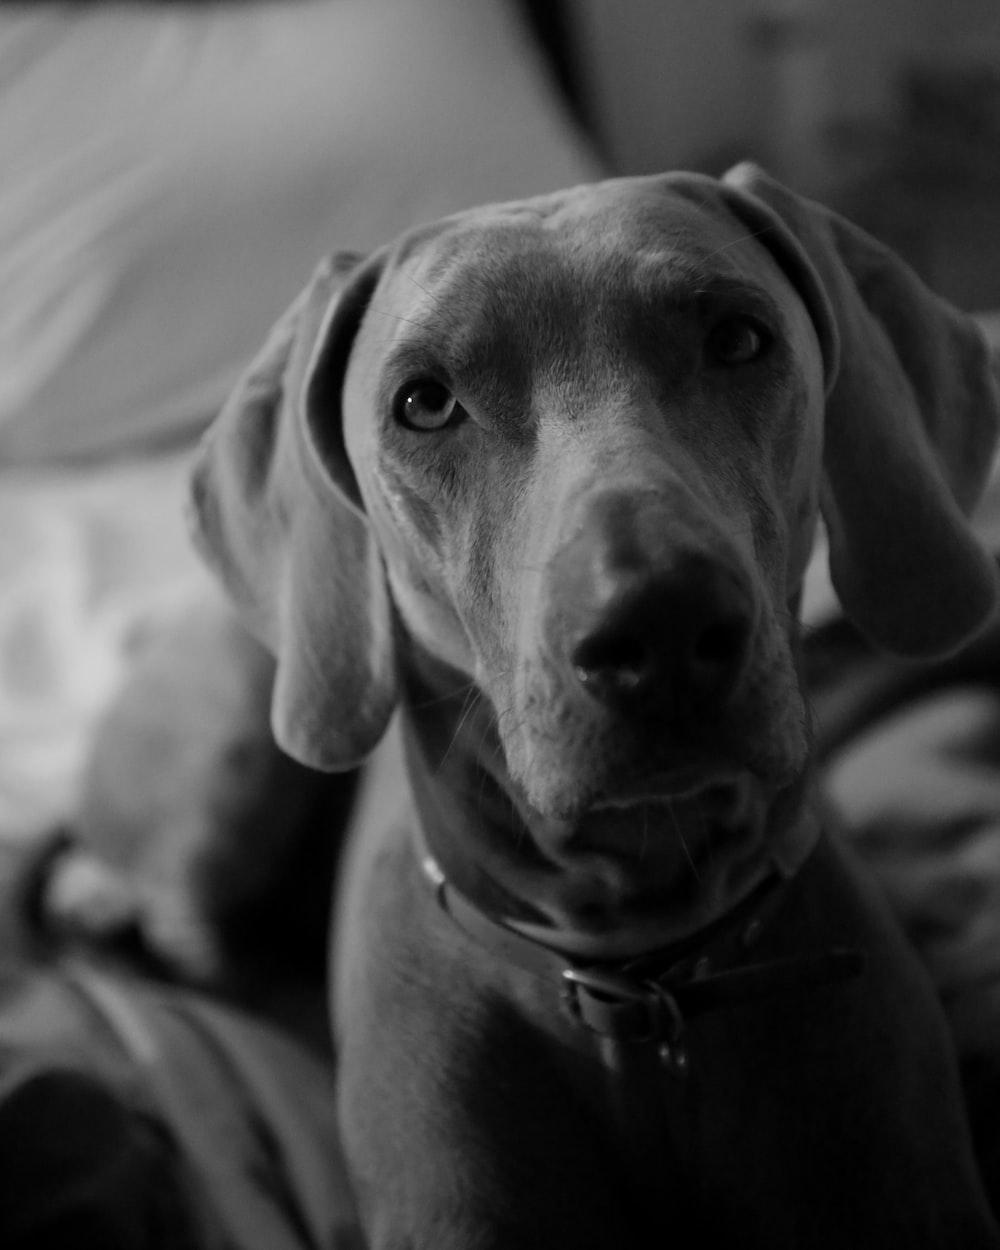 greyscale photo of dog